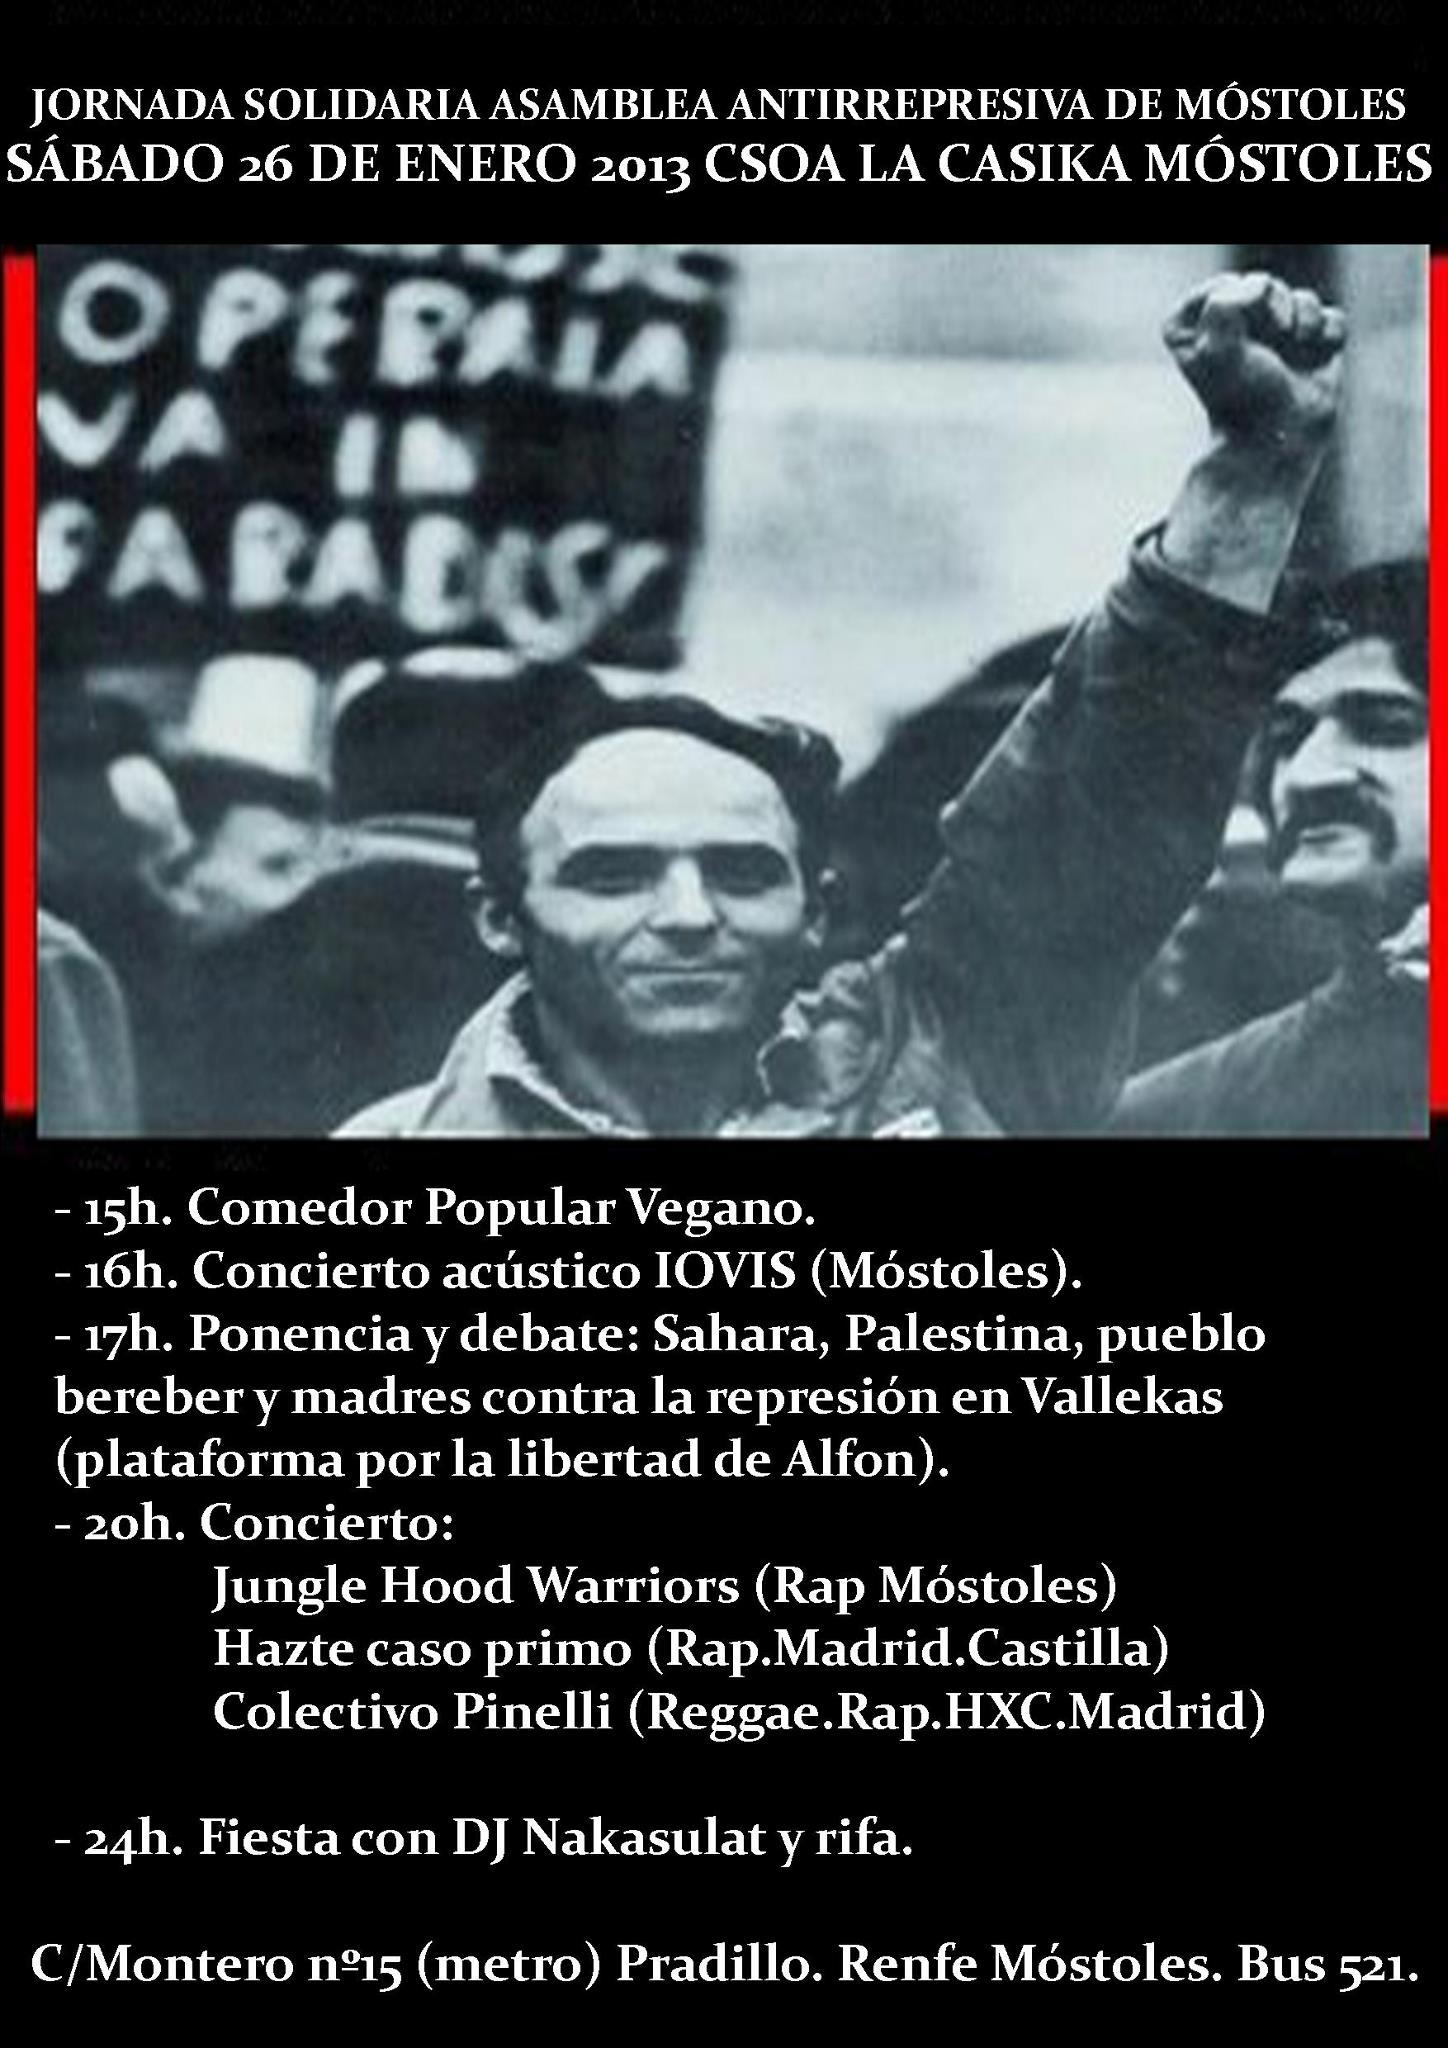 Jornada solidaria asamblea antirrepresiva Móstoles - Sabado 26 de enero en la Casika